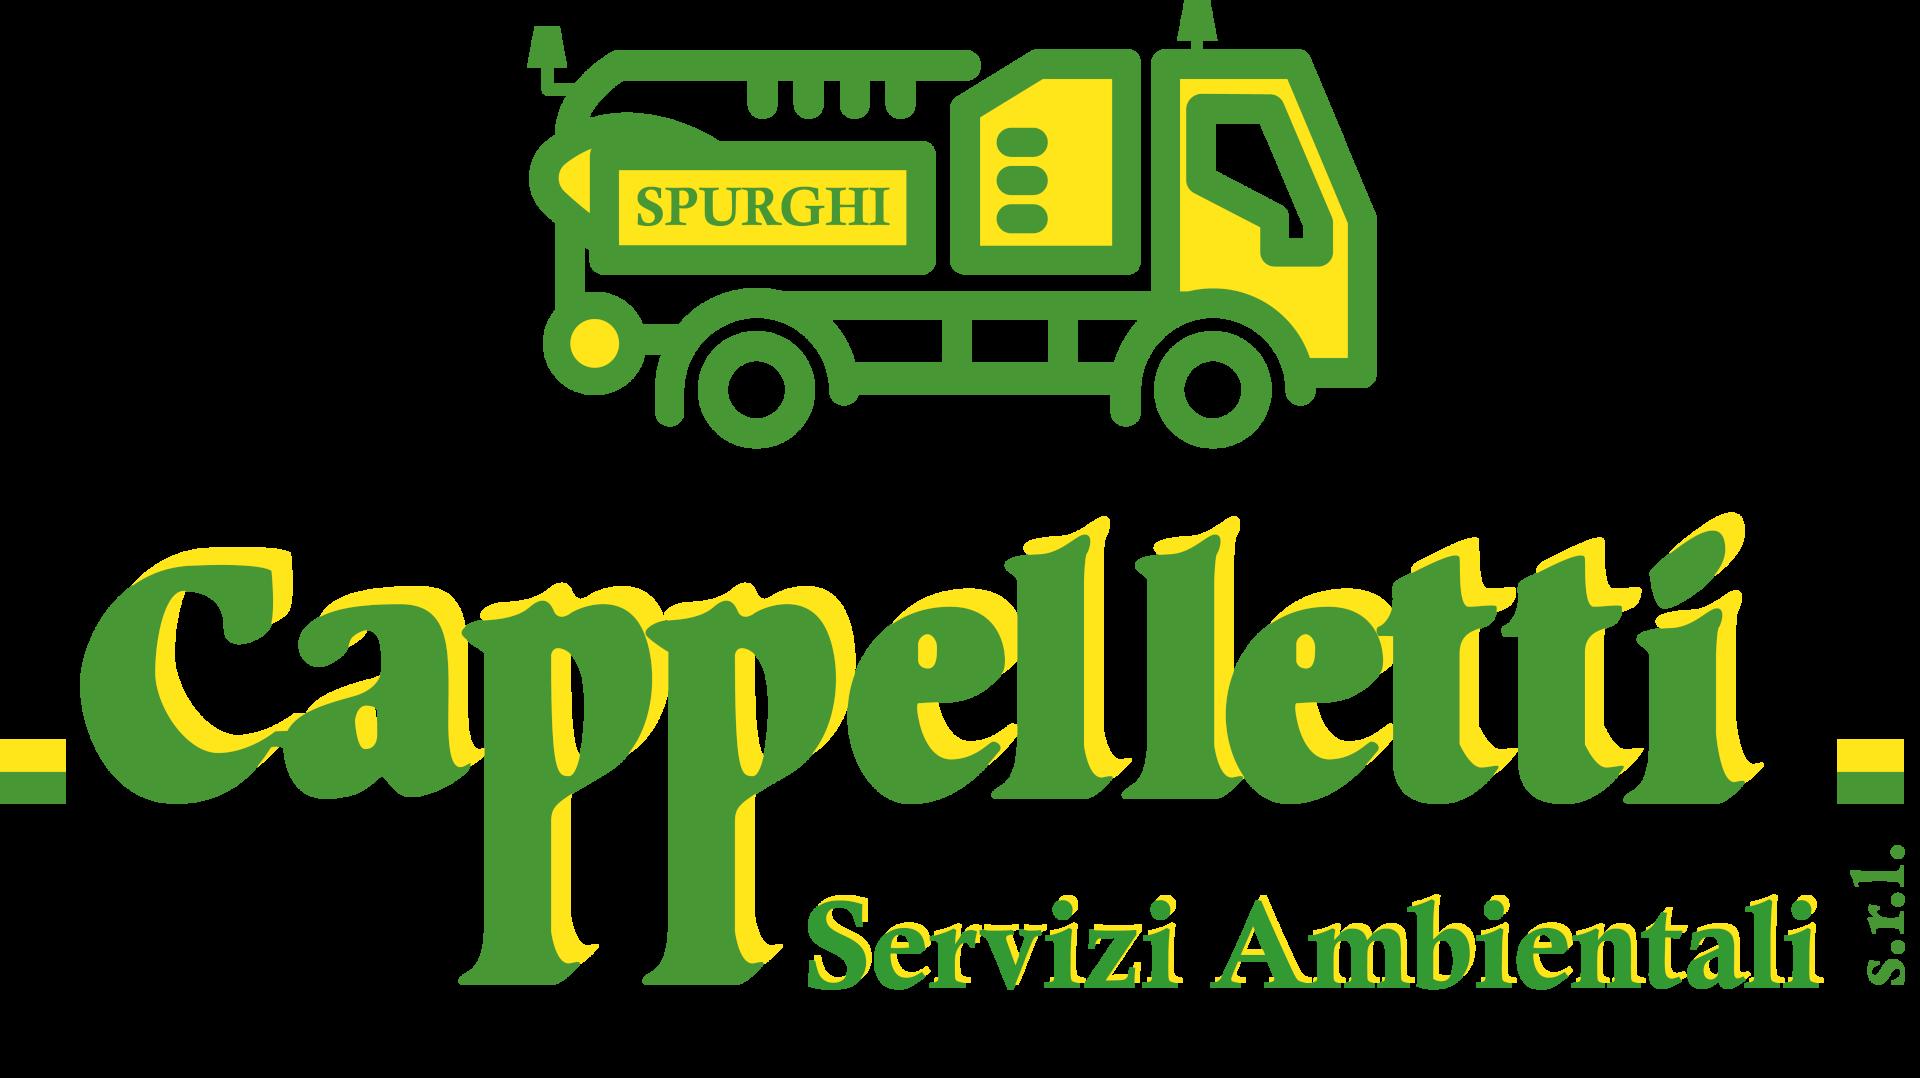 Cappelletti Servizi Ambientali